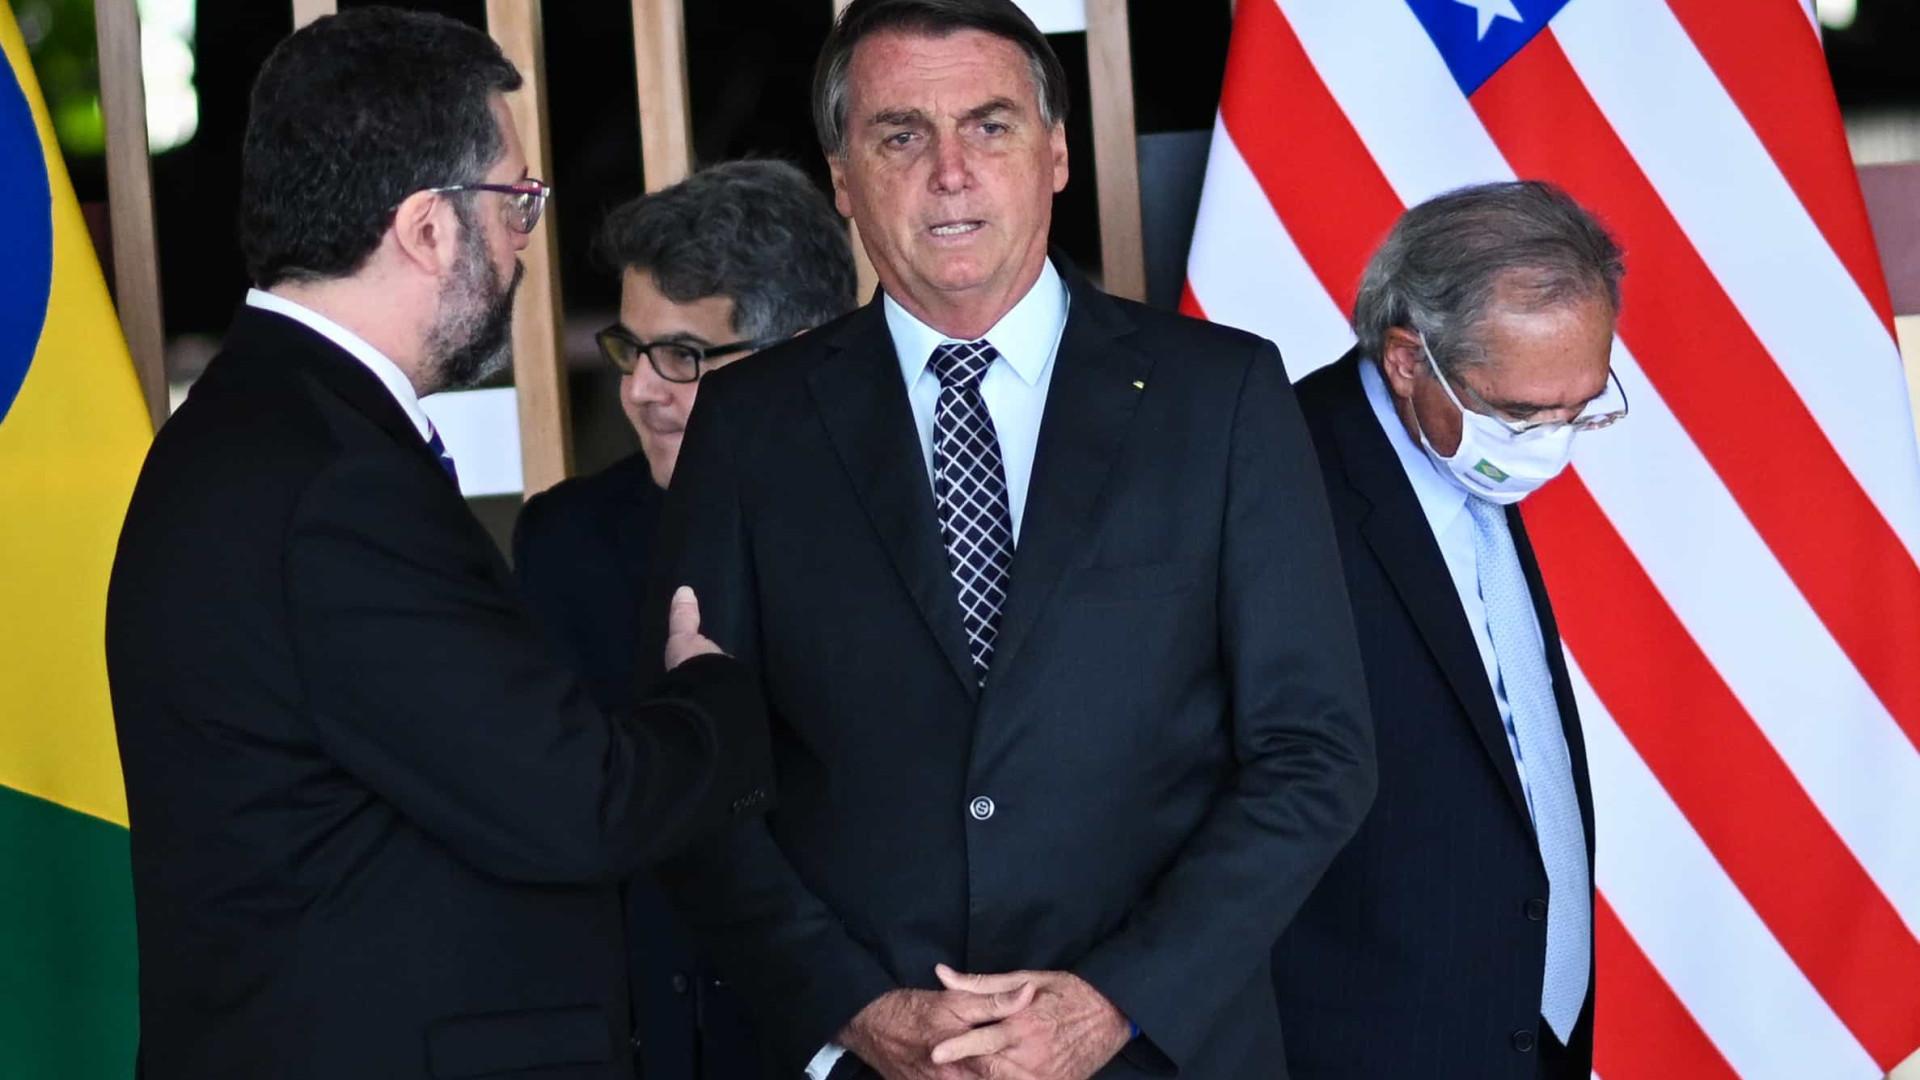 Pressão do centrão irrita Bolsonaro, e Ernesto deve ganhar sobrevida no cargo